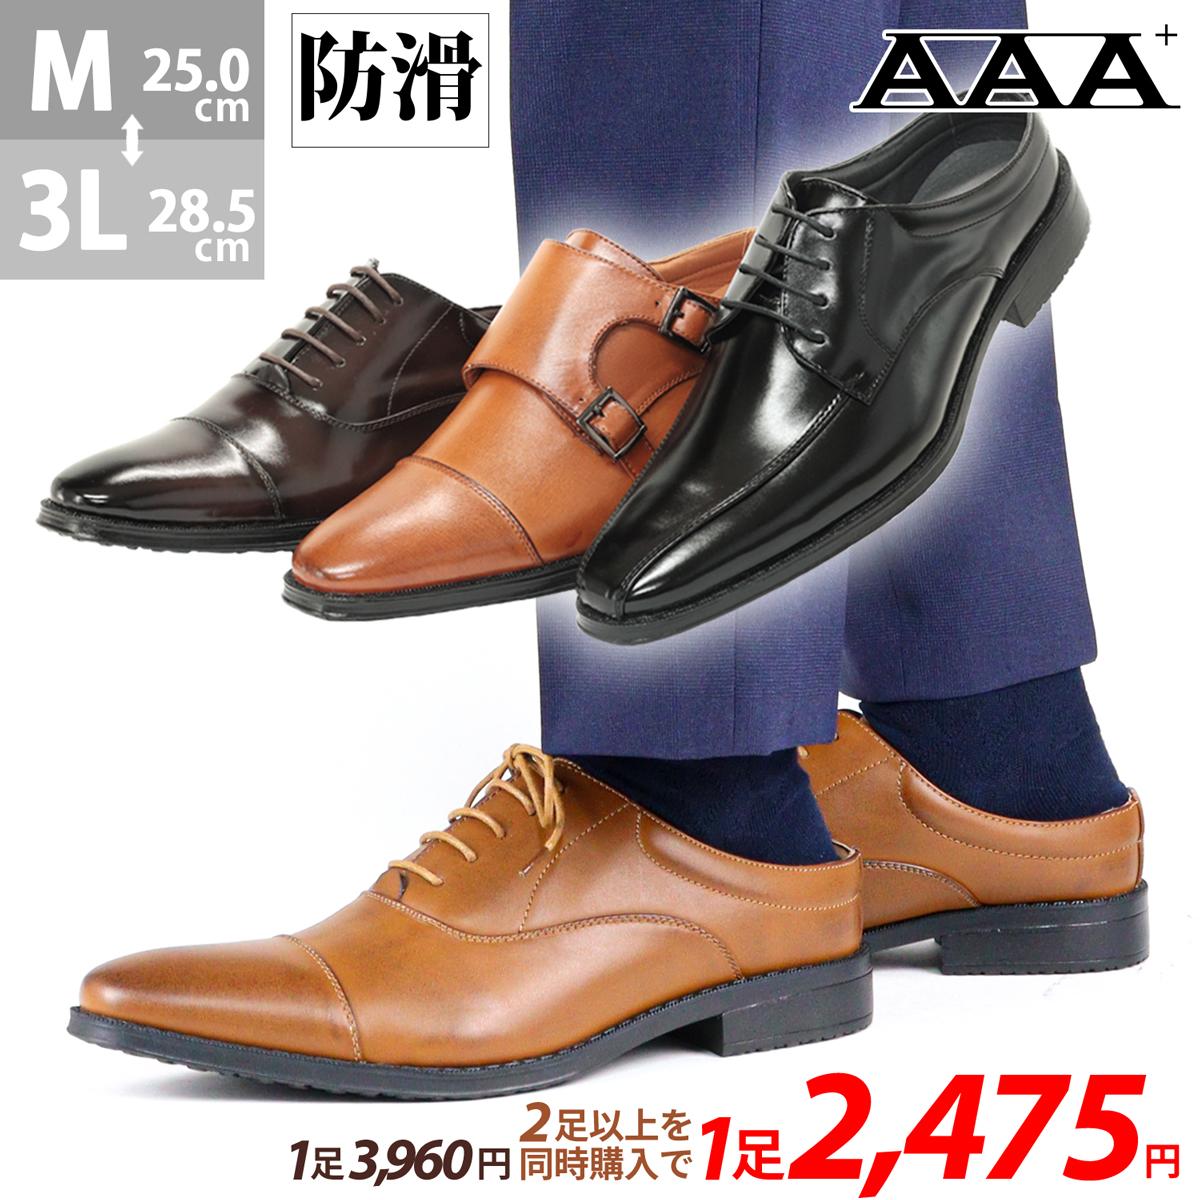 あす楽 送料無料 ビジネス サンダル 上等 販売実績No.1 防滑 ロングノーズ Max2500円OFFクーポン 滑りにくい スリッパ 革靴 スリッポン 通気性 セット割引対象1足税込2200円 防滑ソール AAA+ PUレザー オフィス No.2690-2695 社内履き ジールマーケット かかとなし ビジネスシューズ メンズ 紳士靴